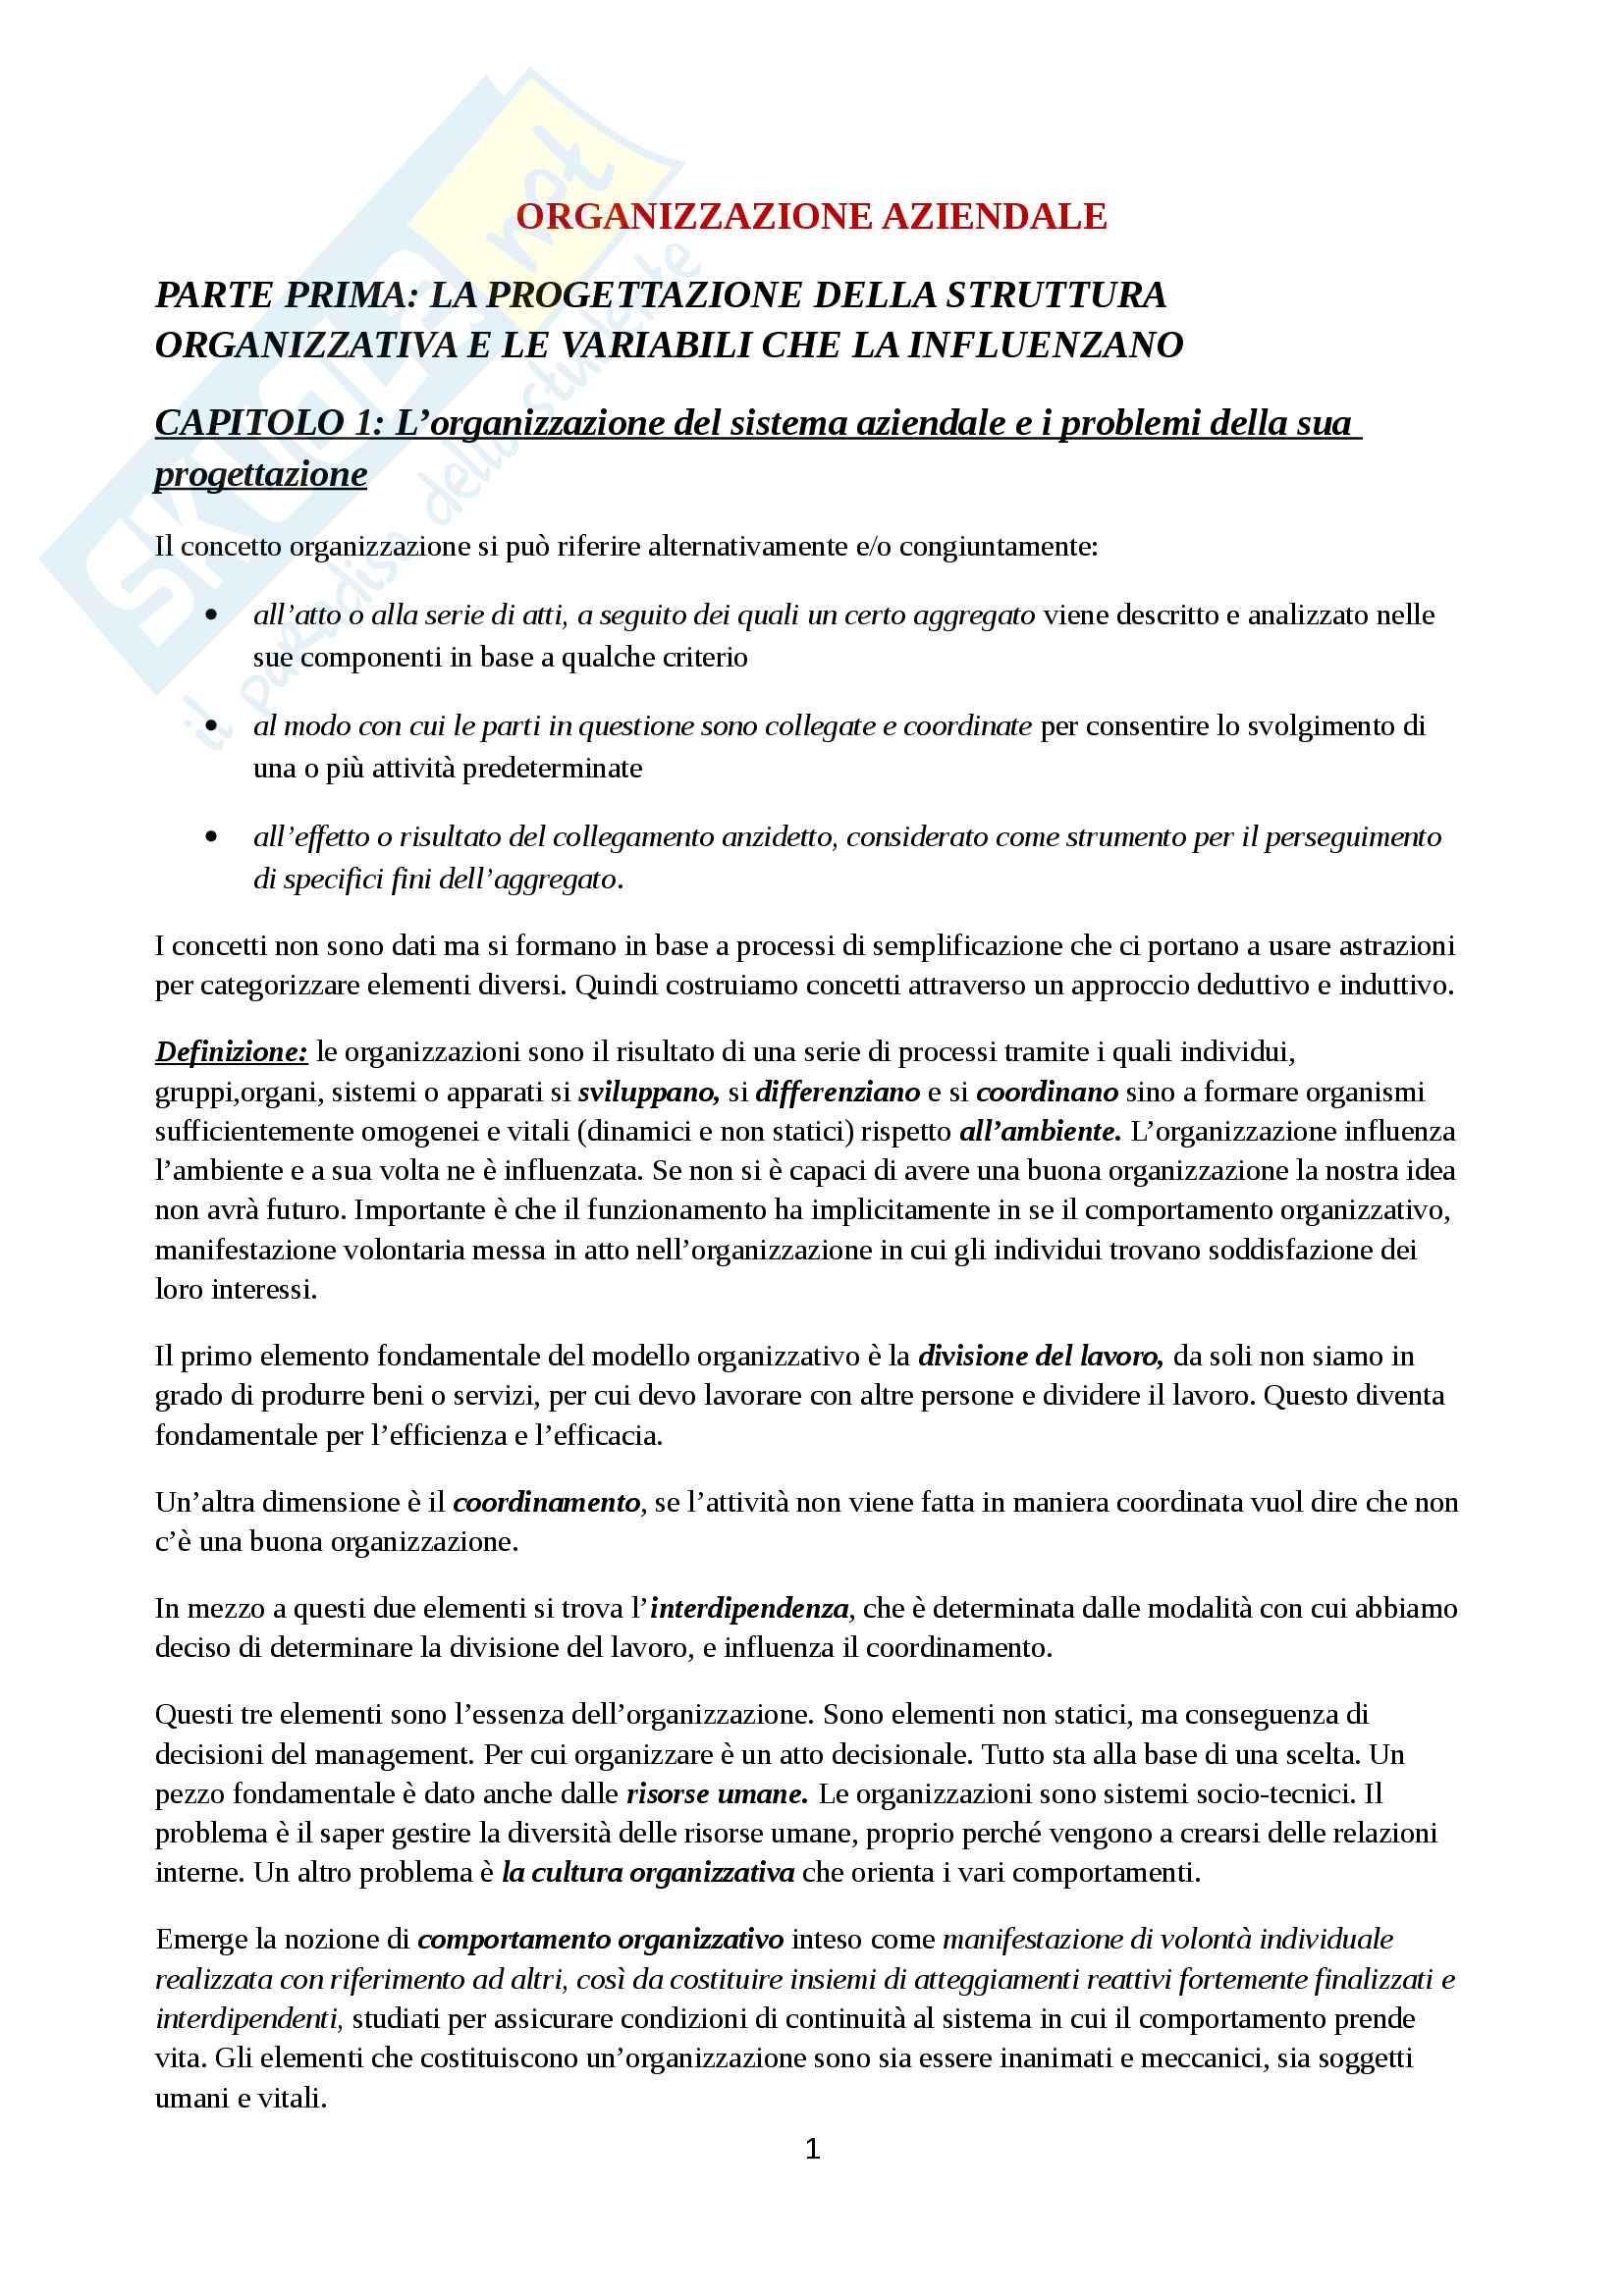 Riassunto esame Organizzazione Aziendale, prof. Cavaliere, libro consigliato Elementi di progettazione organizzativa e di programmazione del personale, D'Anna